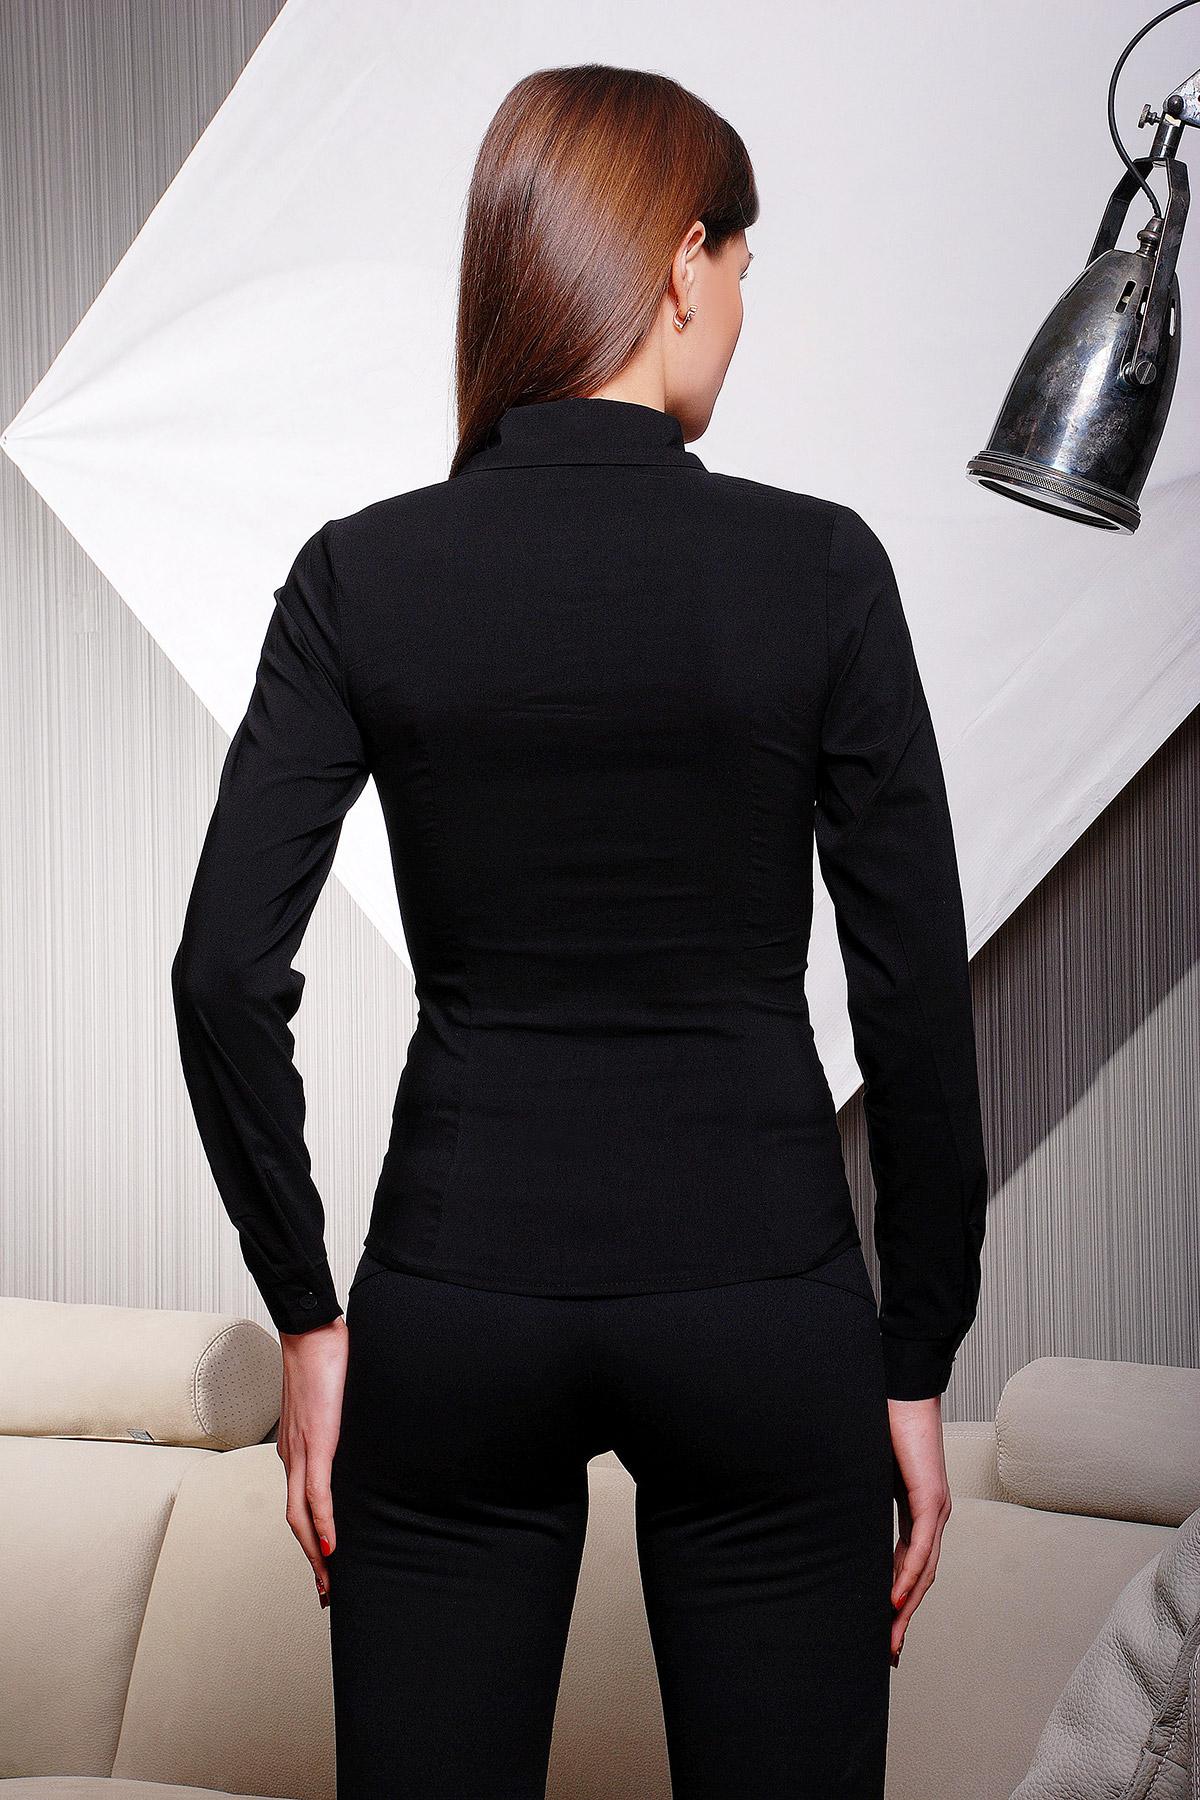 Белая блузка женская с длинным рукавом купить